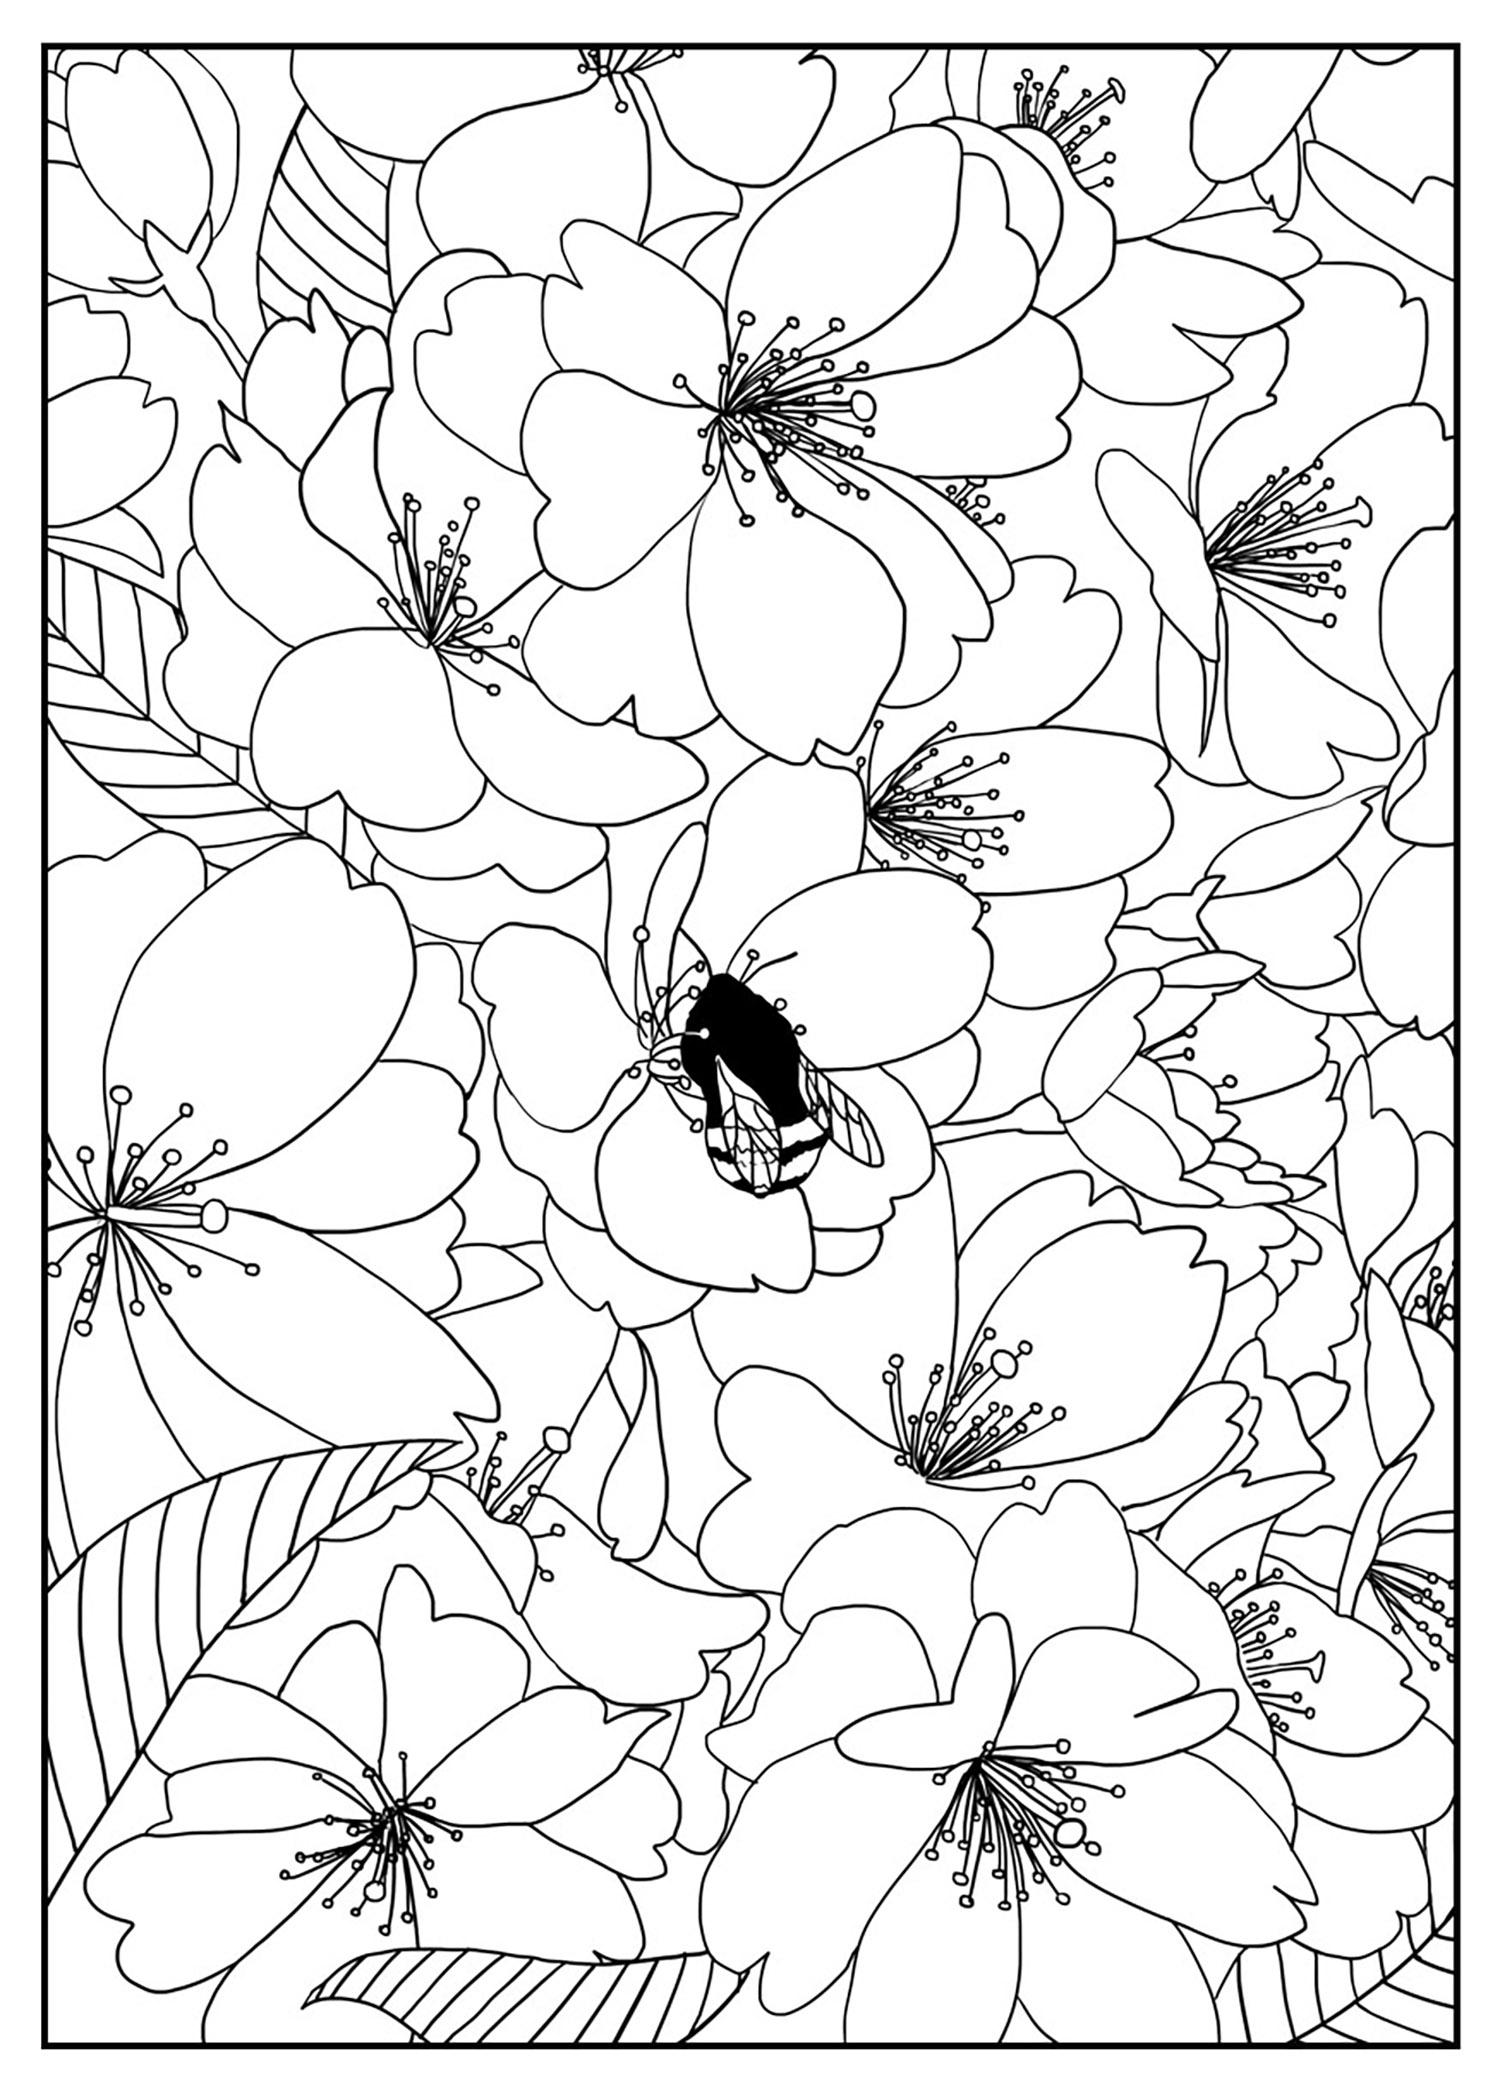 Coloriage Cerisier Japonais.Pour Cerisier Coloriage Adulte Coloriages Pour Enfants